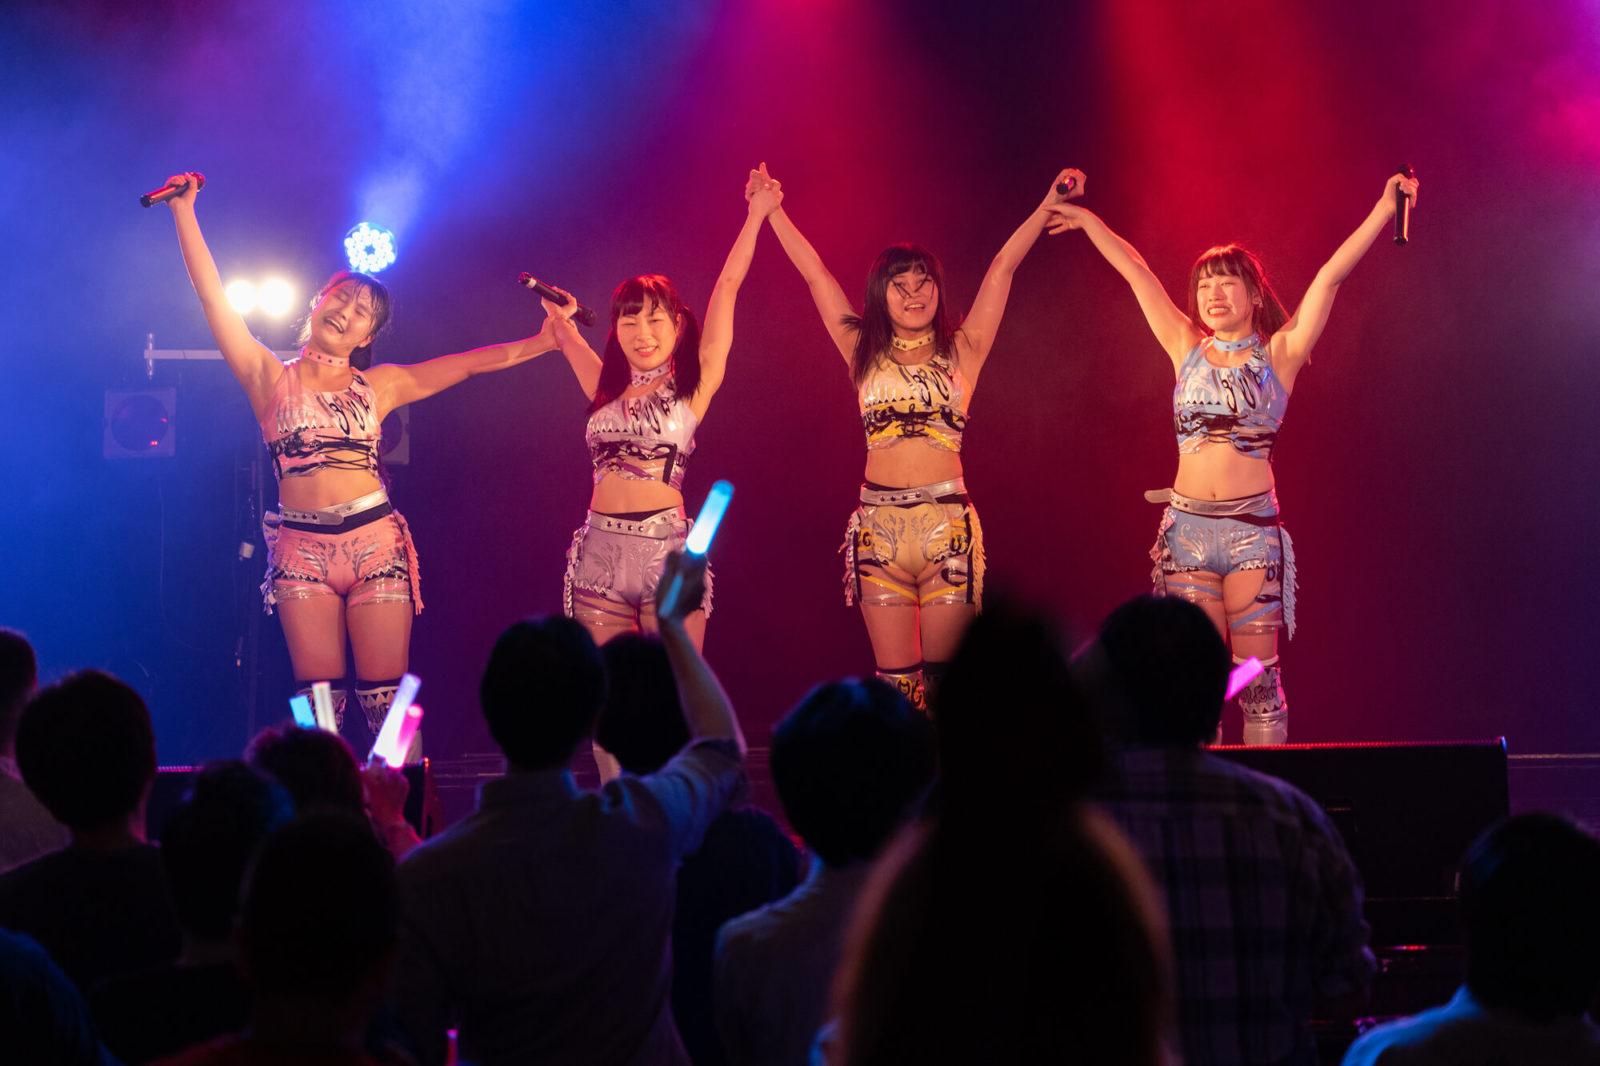 歌って踊って闘える最強のアイドル目指すアップアップガールズ(プロレス)「後楽園ホールで、ライブも試合もしたい!」サムネイル画像